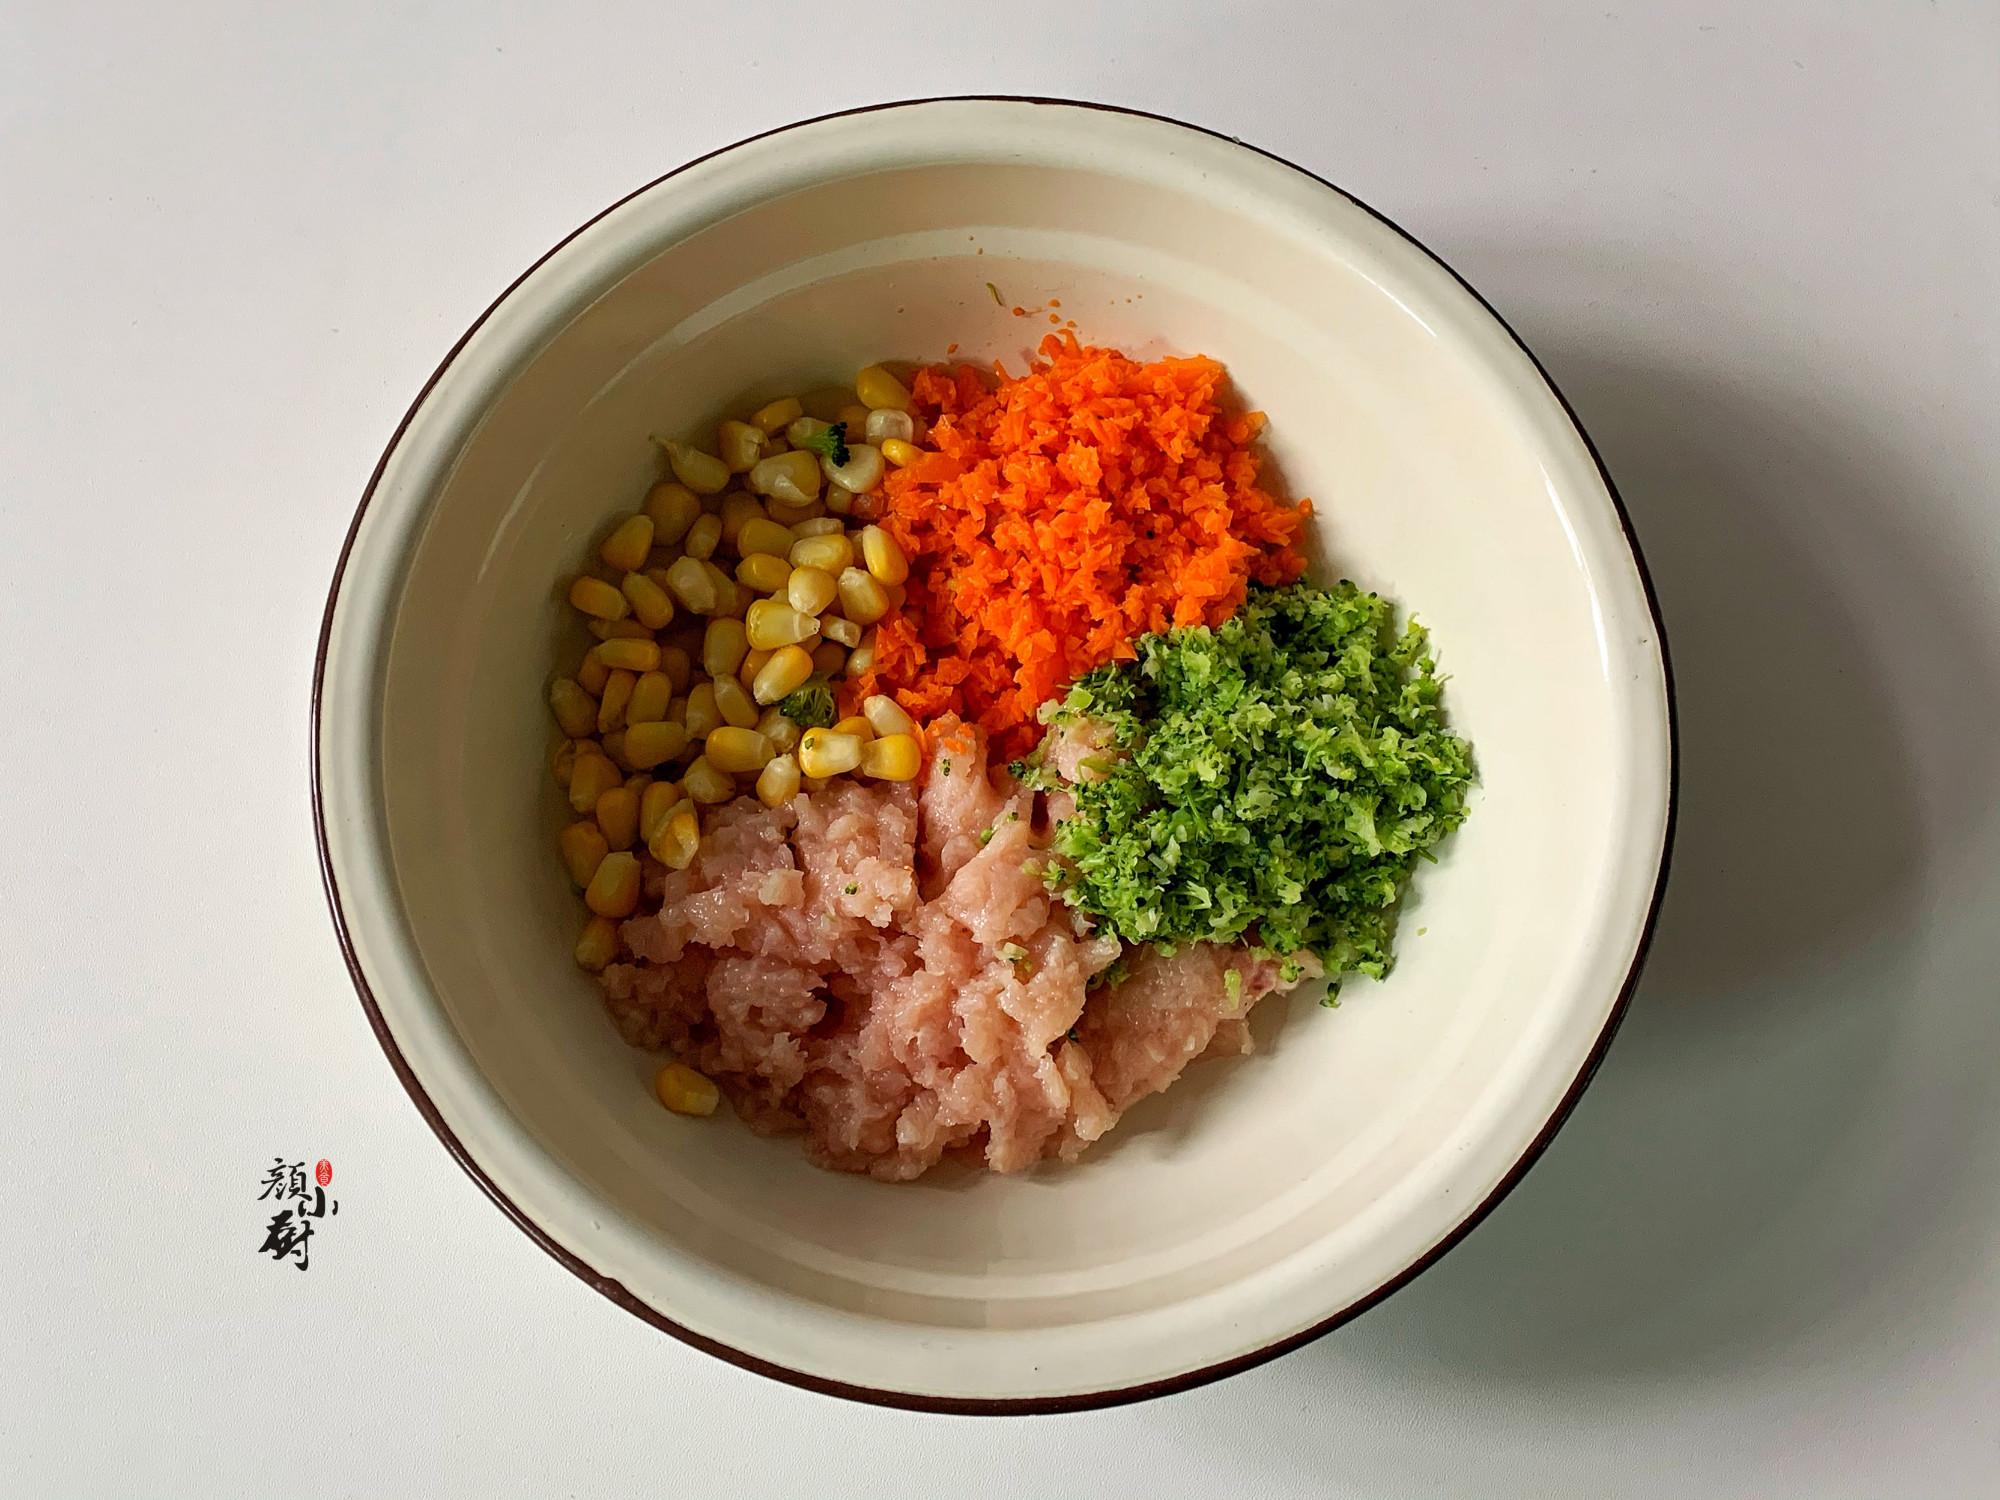 春天,午餐就愛這一口,特抗餓,吃幾個就飽了,美味又解饞